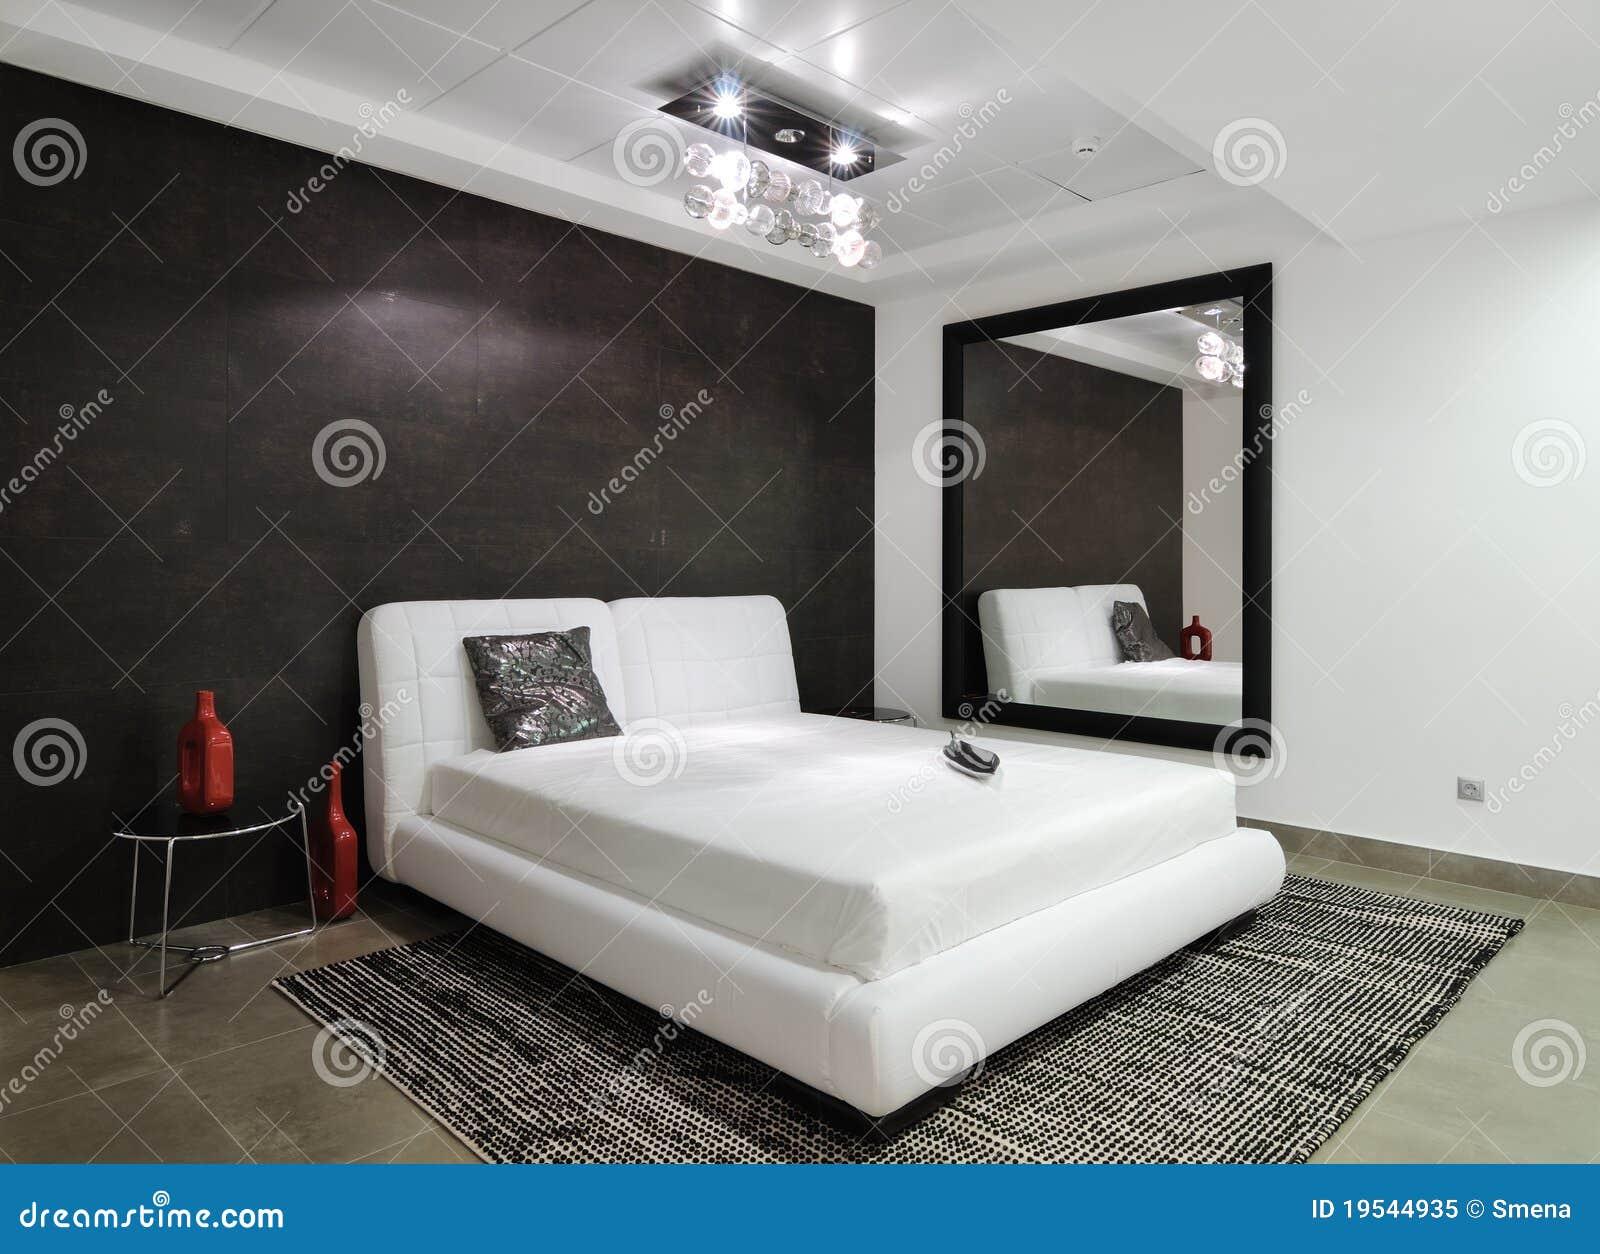 Fußboden Für Schlafzimmer ~ Moderner innenraum schlafzimmer stockbild bild von fußboden